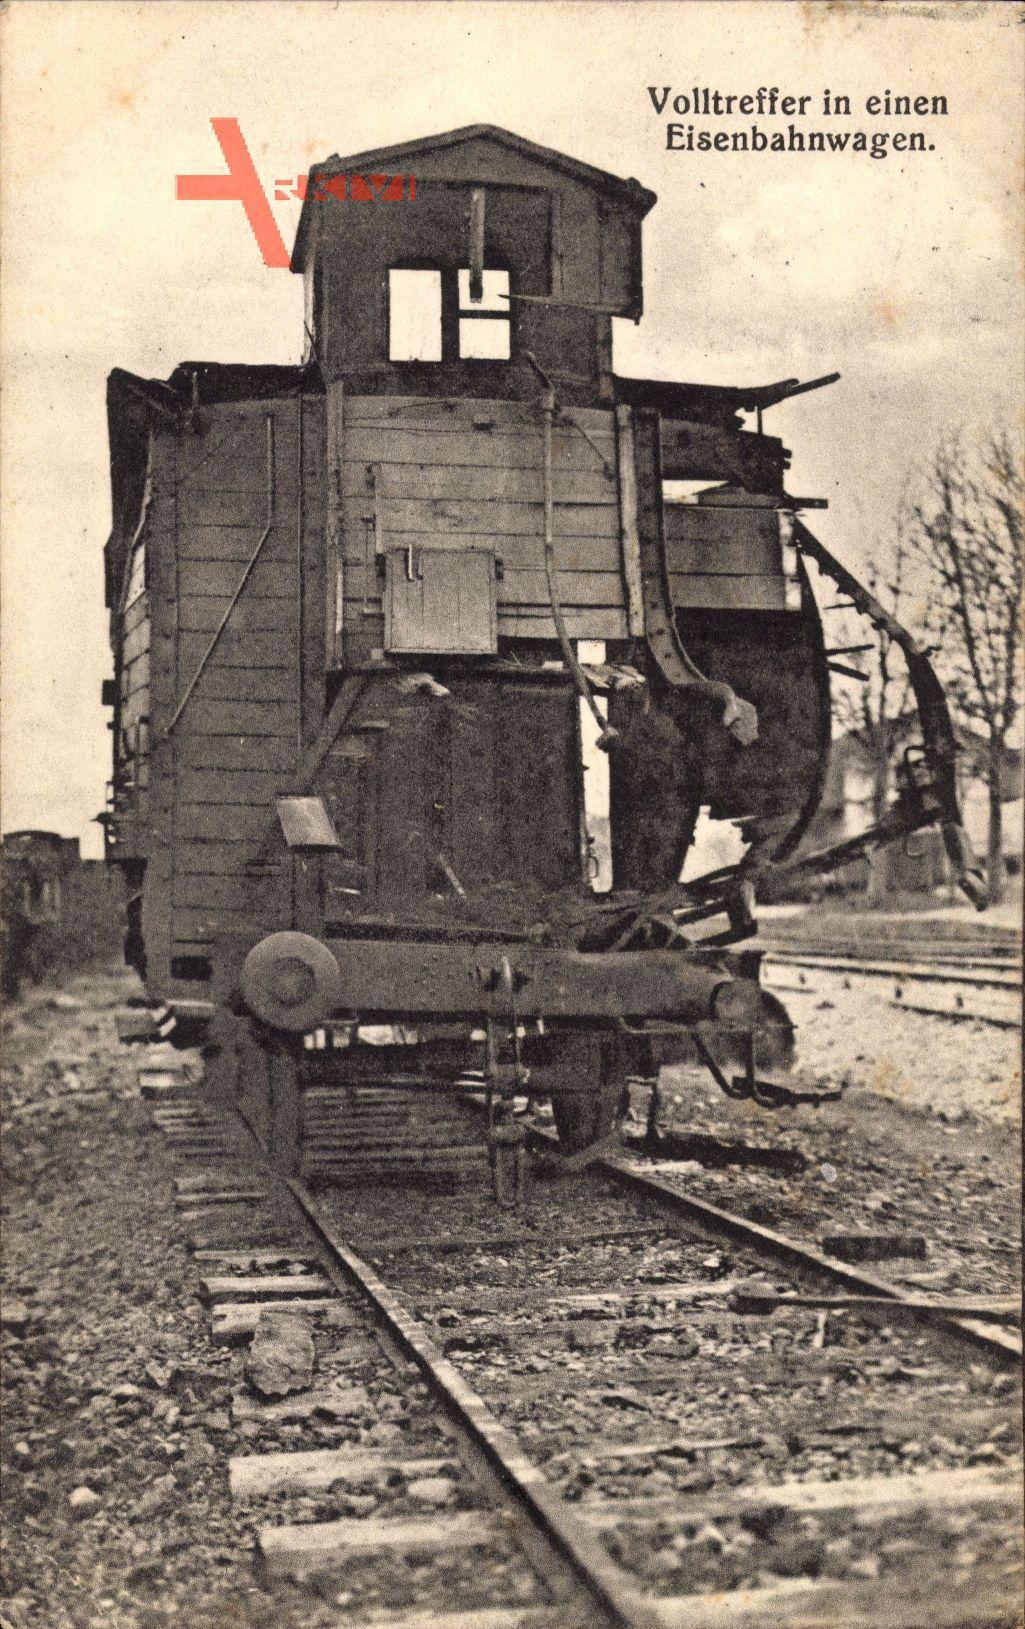 Volltreffer in einen Eisenbahnwagen, Erster Weltkrieg